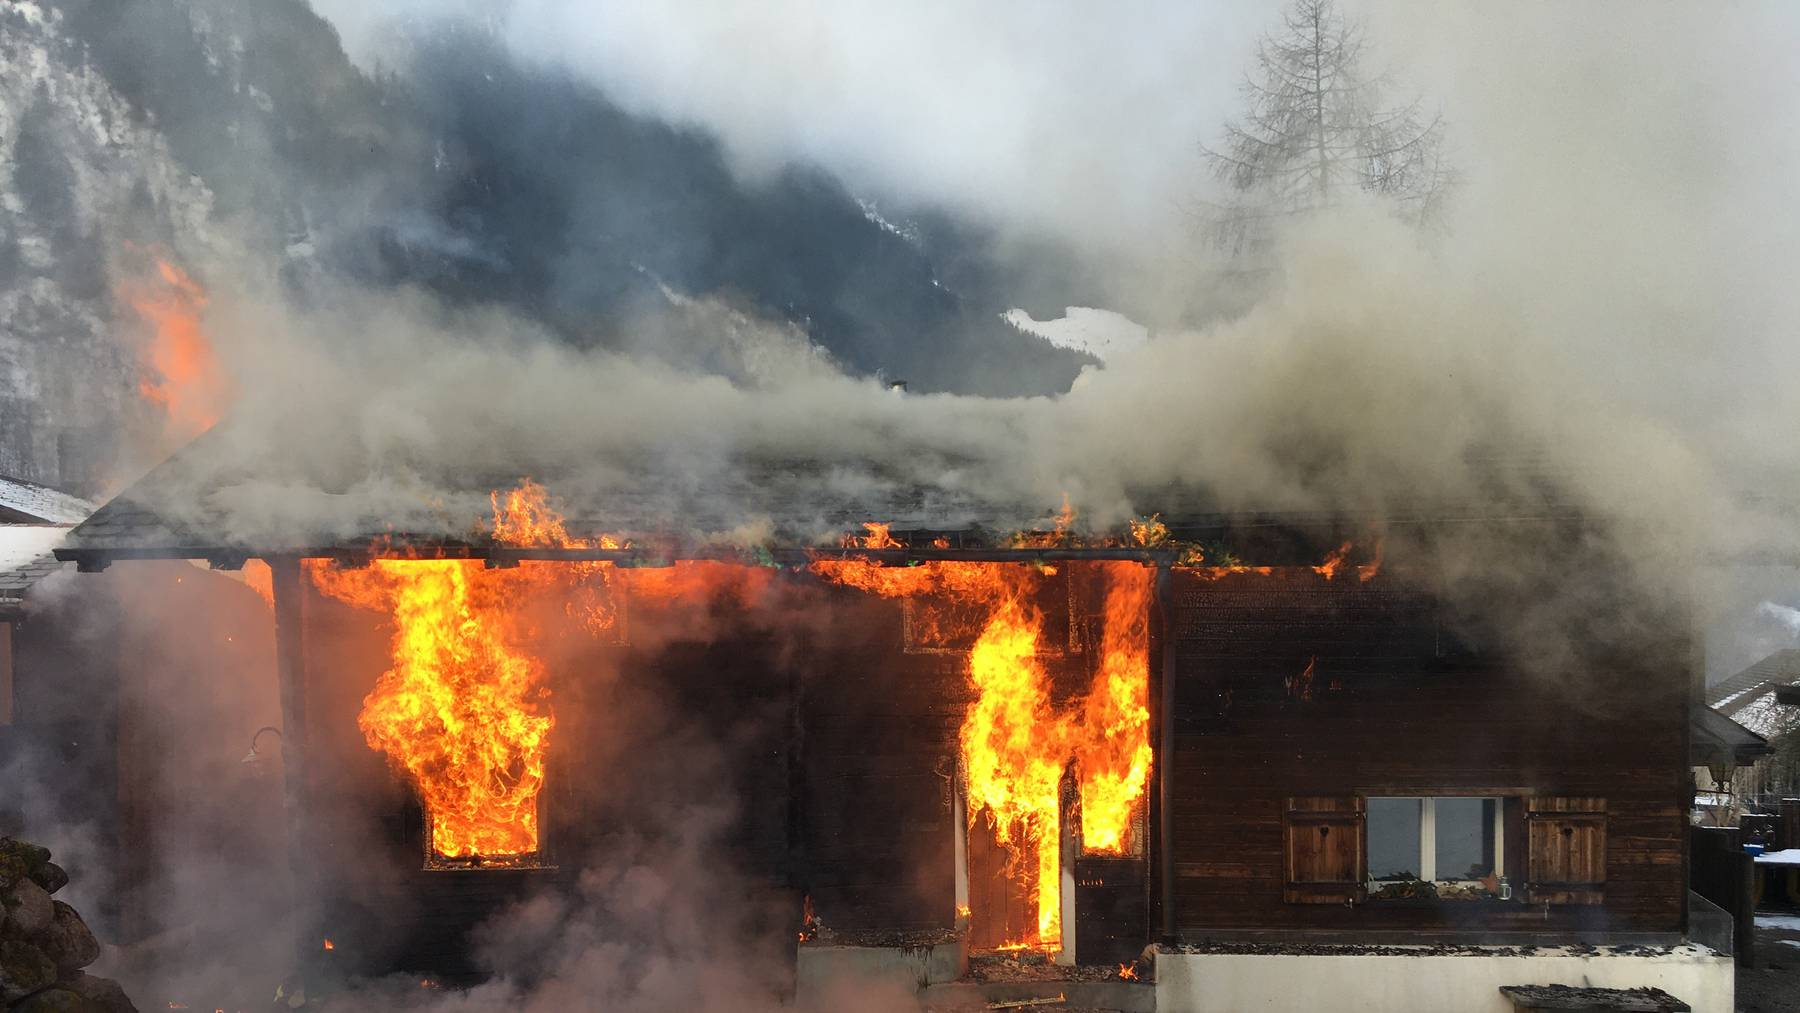 Am Gebäude entstand ein Sachschaden in der Höhe von mehreren hunderttausend Franken.